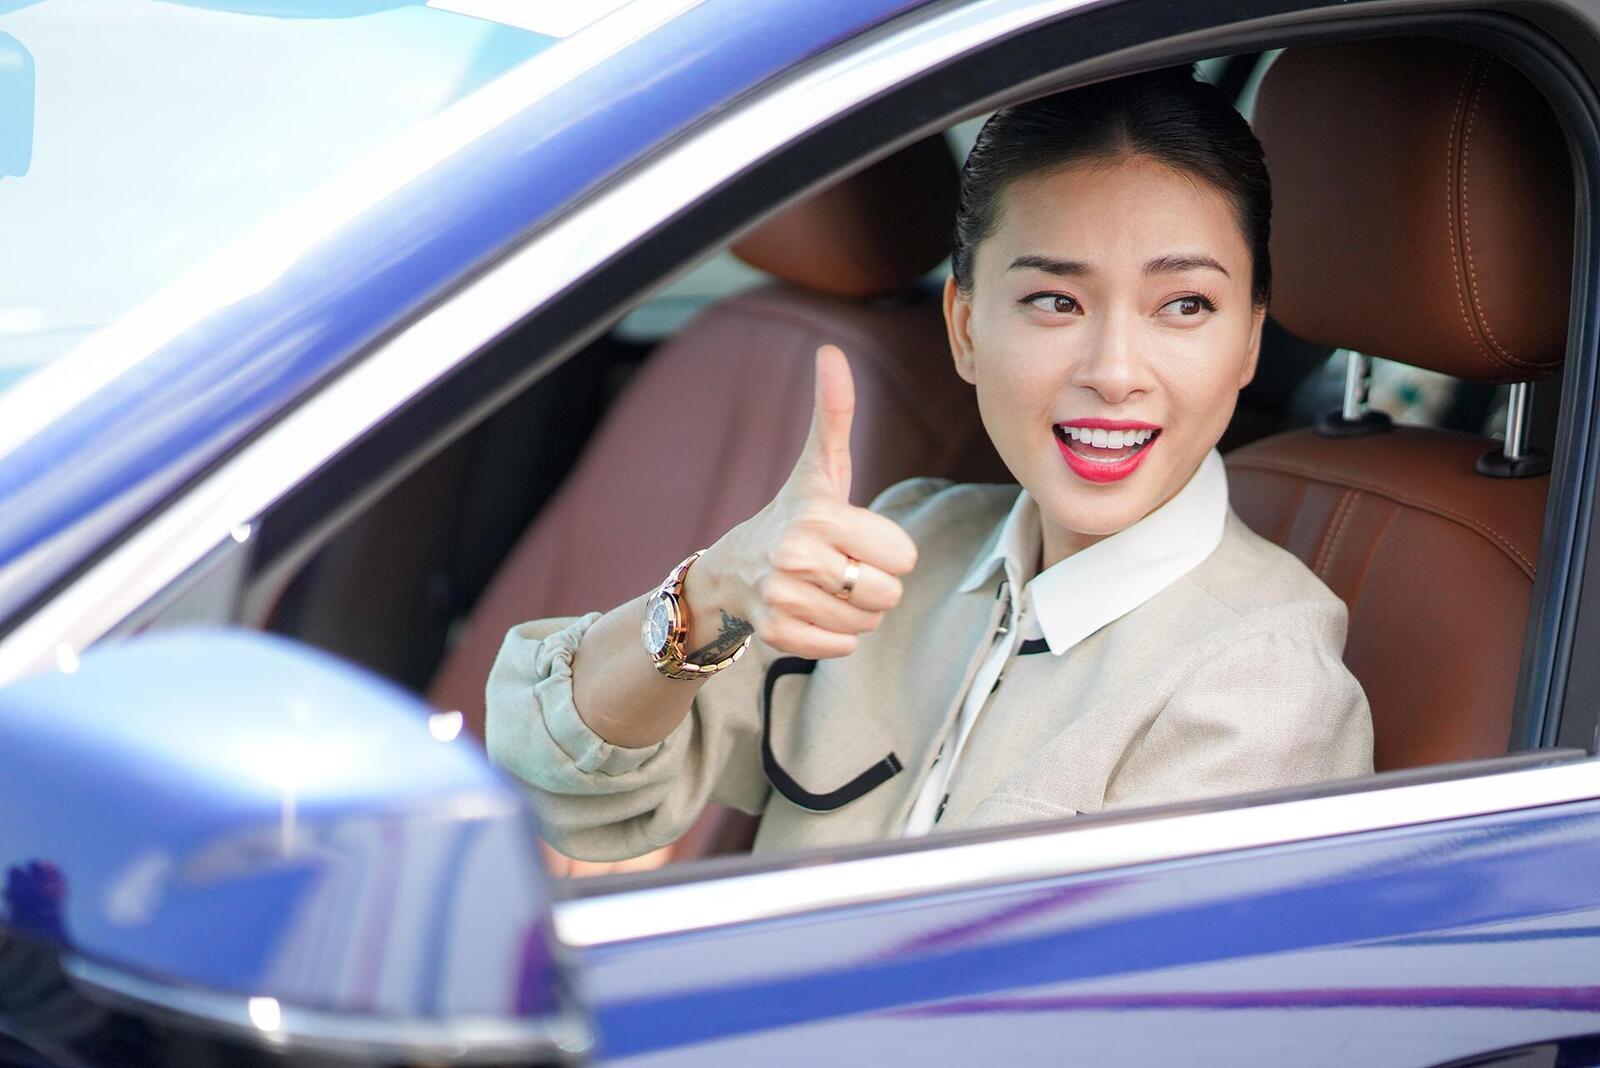 Diễn viên Ngô Thanh Vân - đại sứ thương hiệu VinFast cầm vô lăng ôtô thương hiệu Việt chạy thử những ngày đầu.